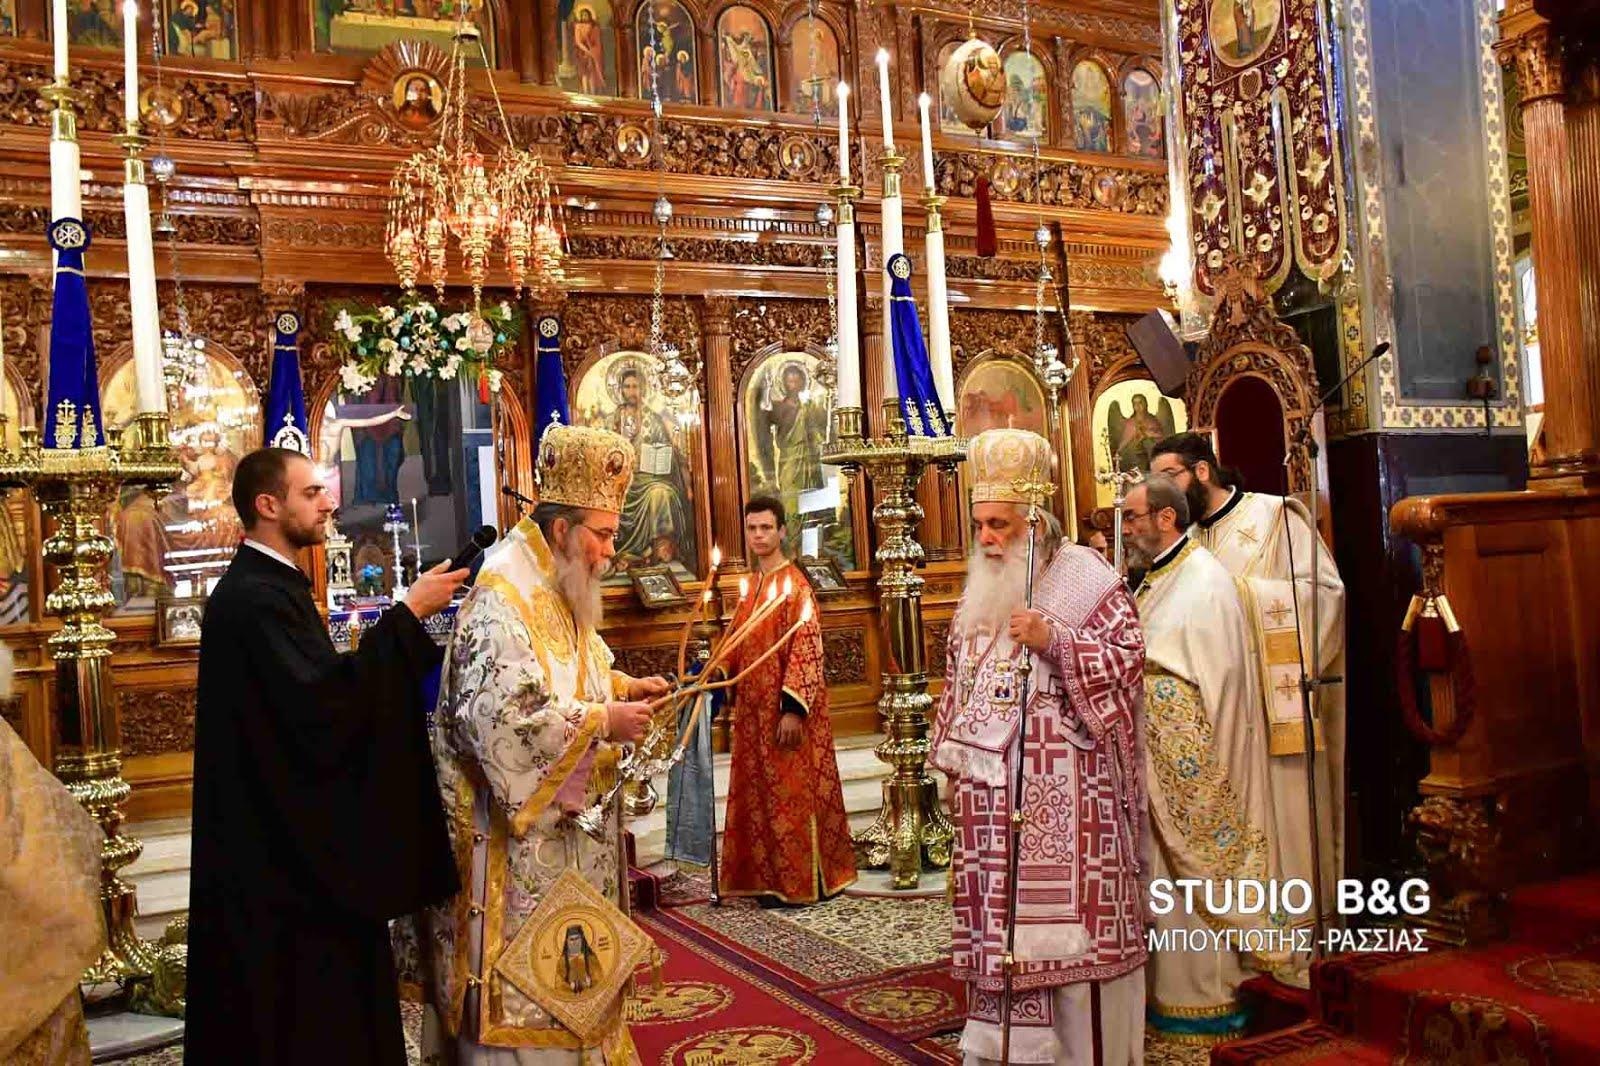 Αρχιερατική Θεία Λειτουργία στον Καθεδρικό Ναό Αγίου Πέτρου Άργους